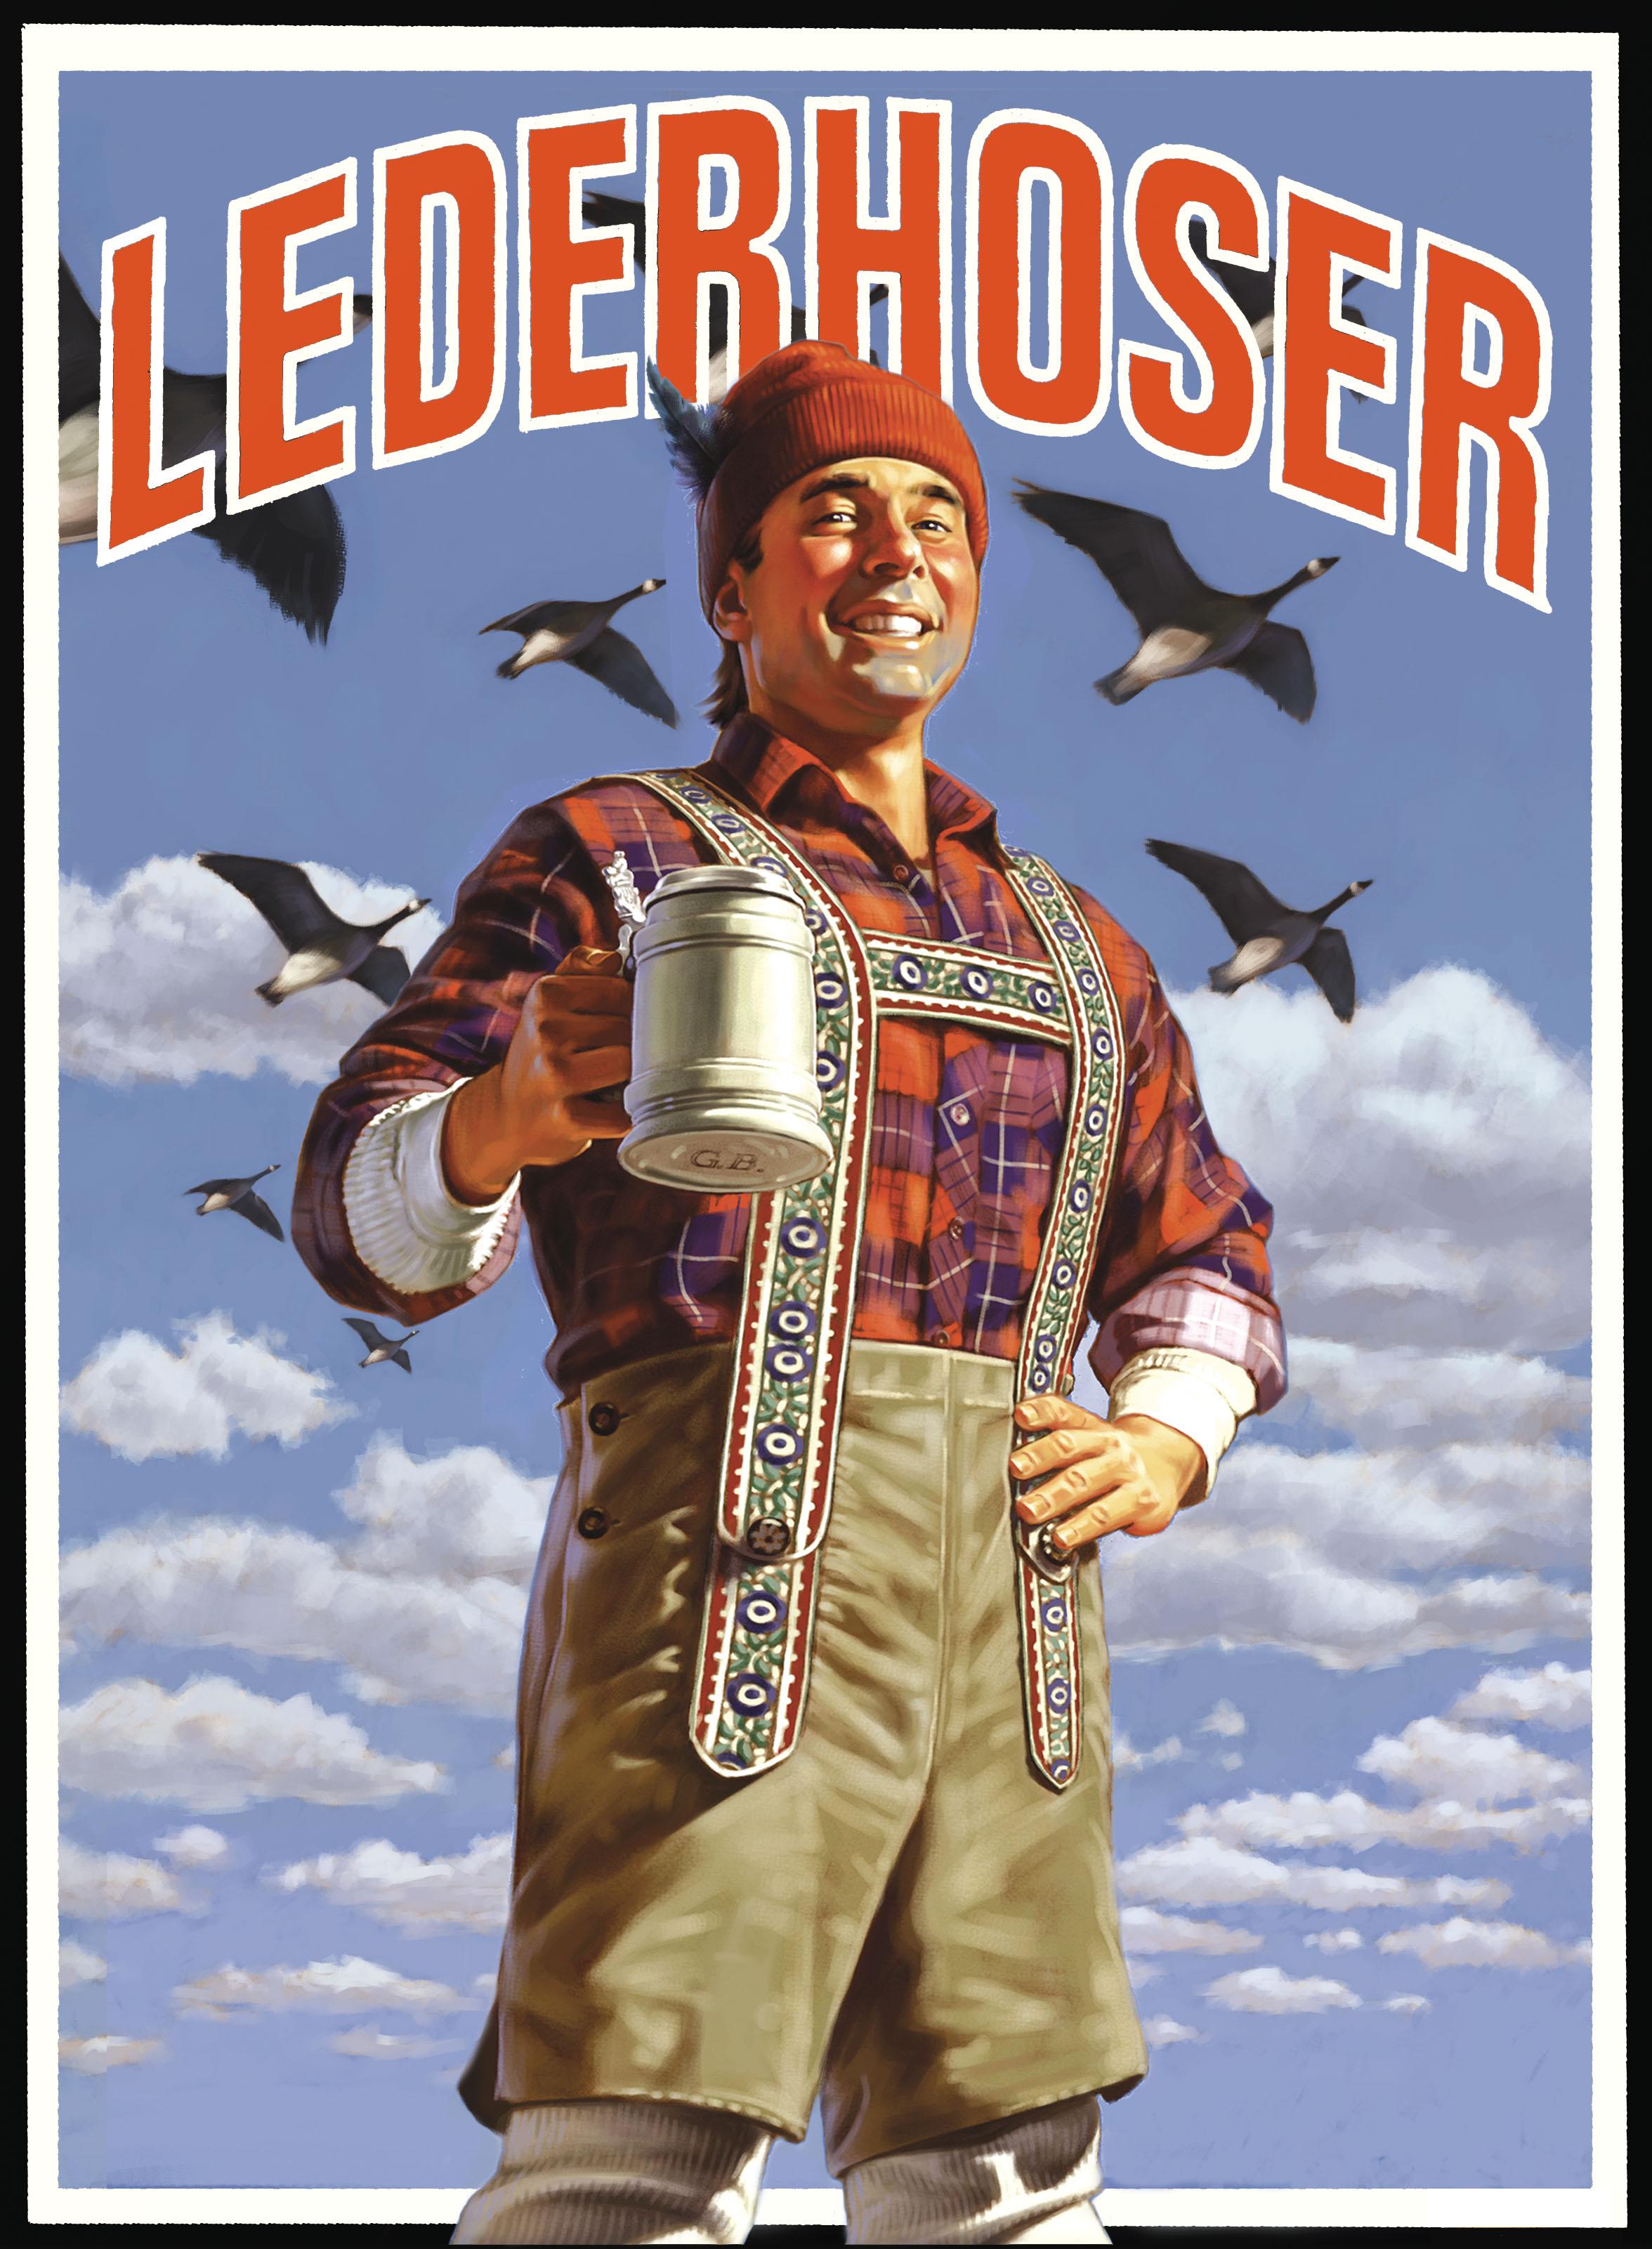 Lederhoser.jpg